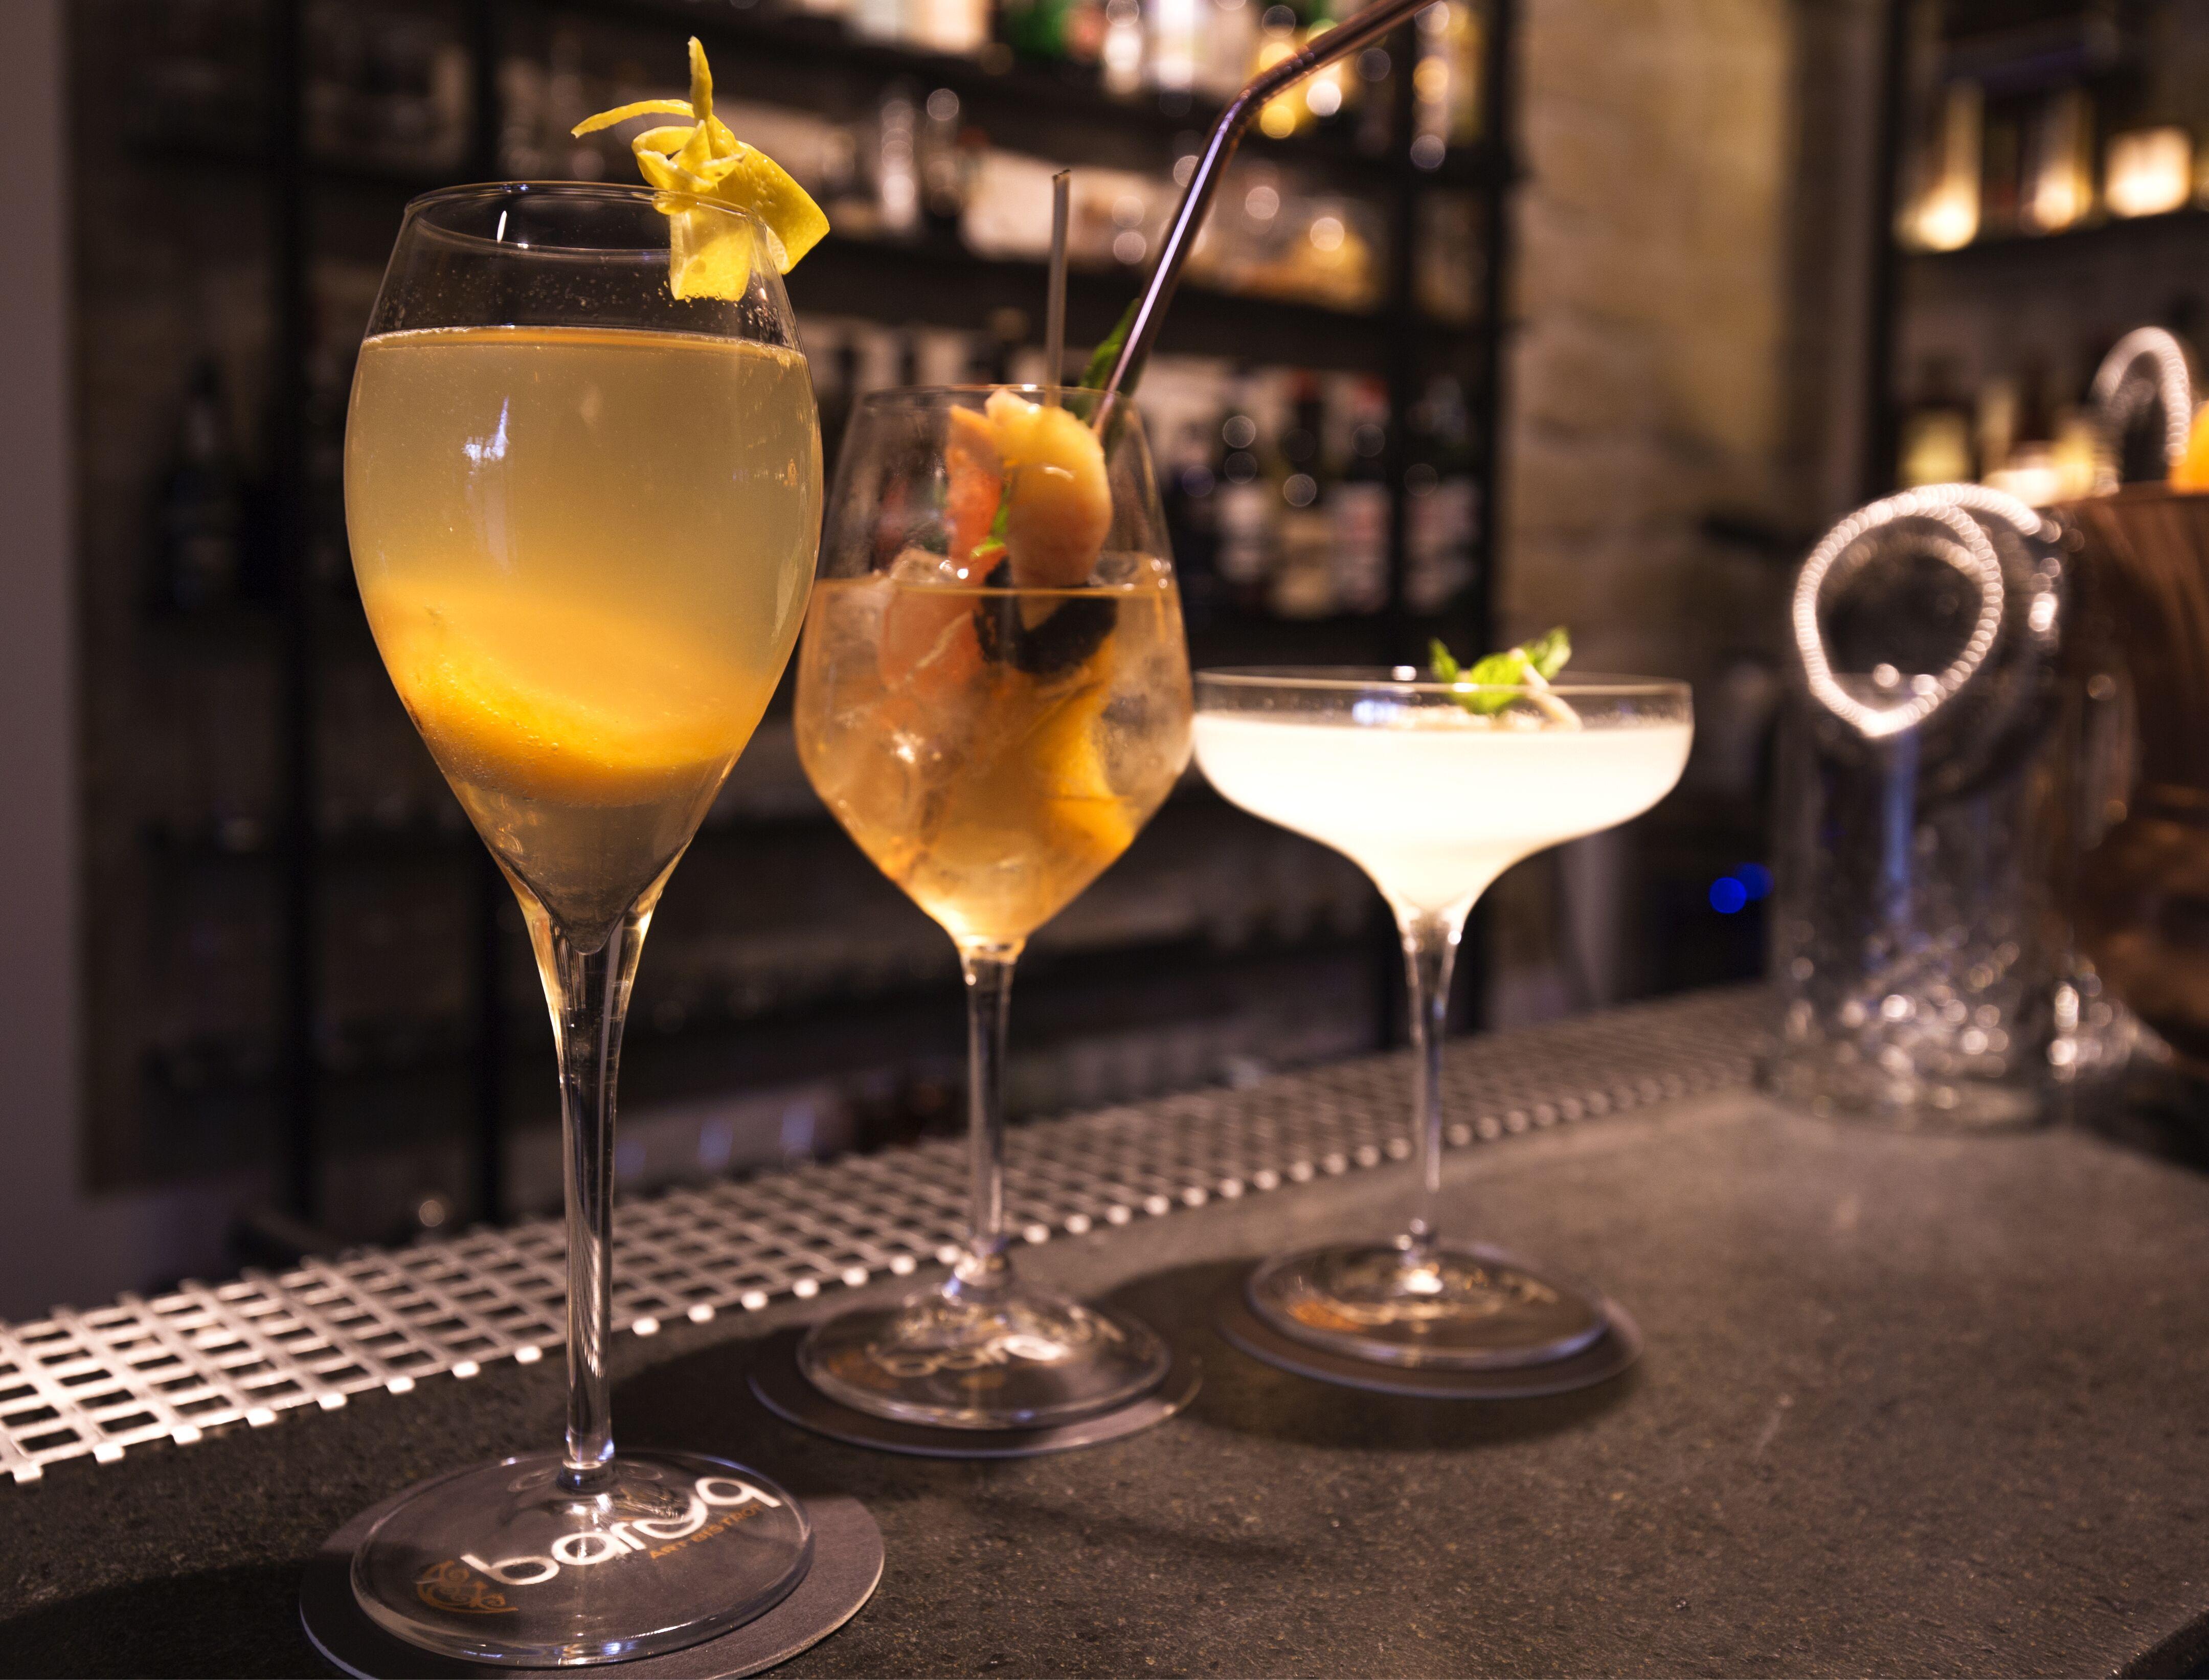 Contro la malamovida, la guida al bere consapevole di Fipe e Federvini